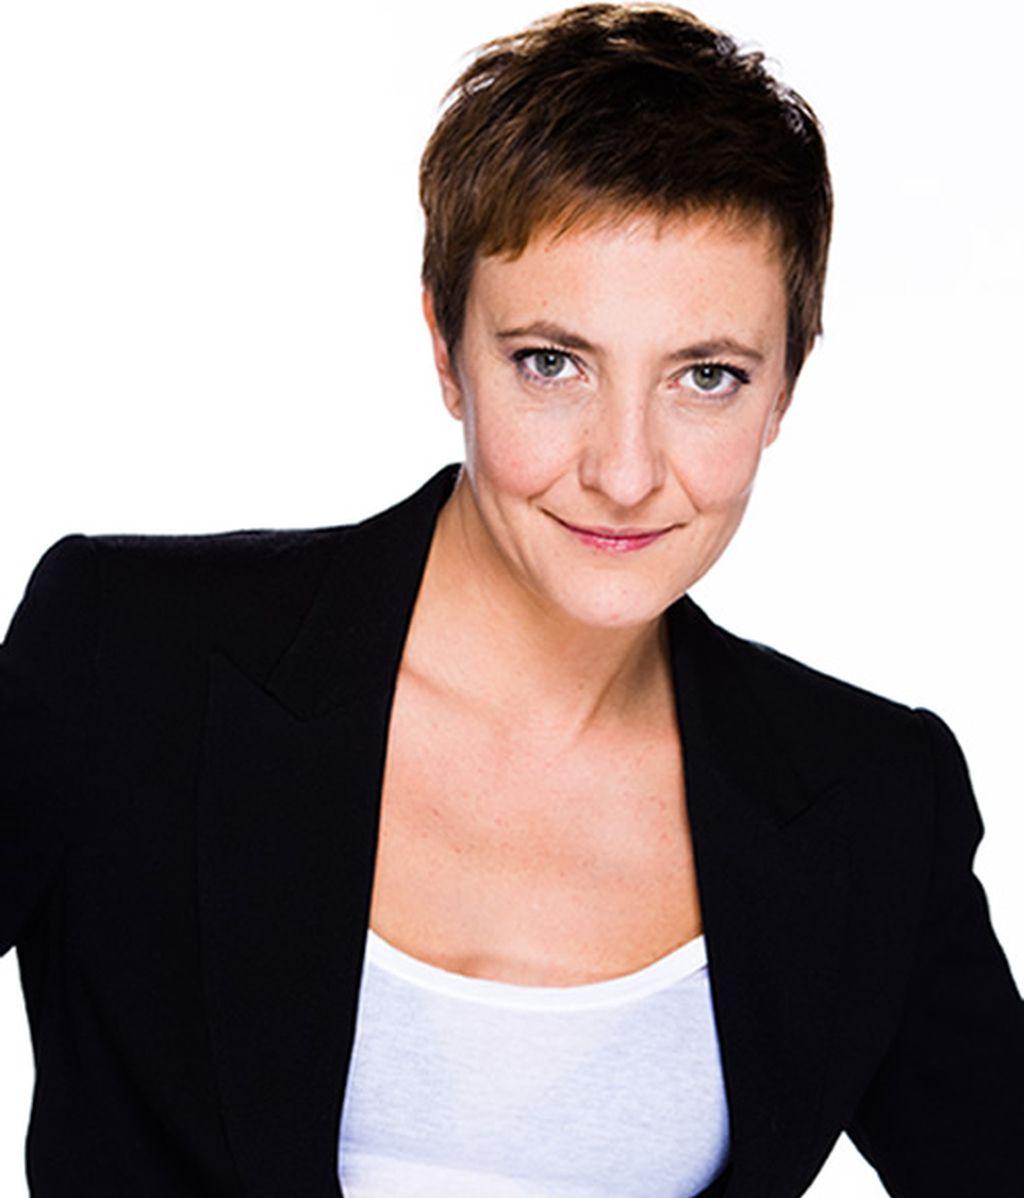 Eva Hache. Saturday Night Live